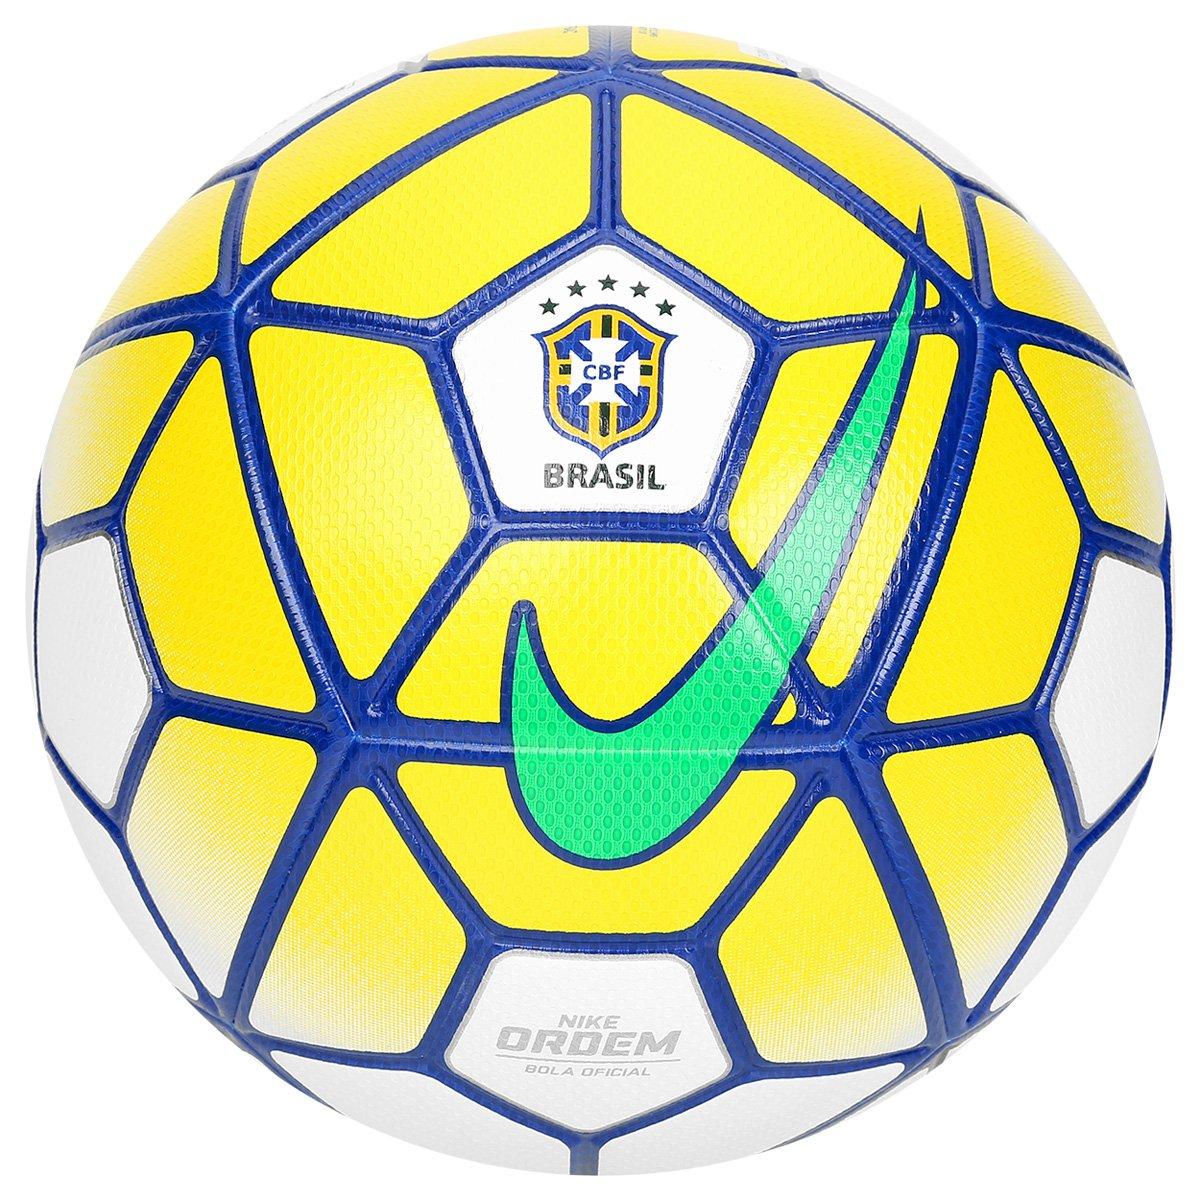 5a3607ce7aa33 Bola Futebol Campo Nike Ordem 3 CBF - Branco e Azul